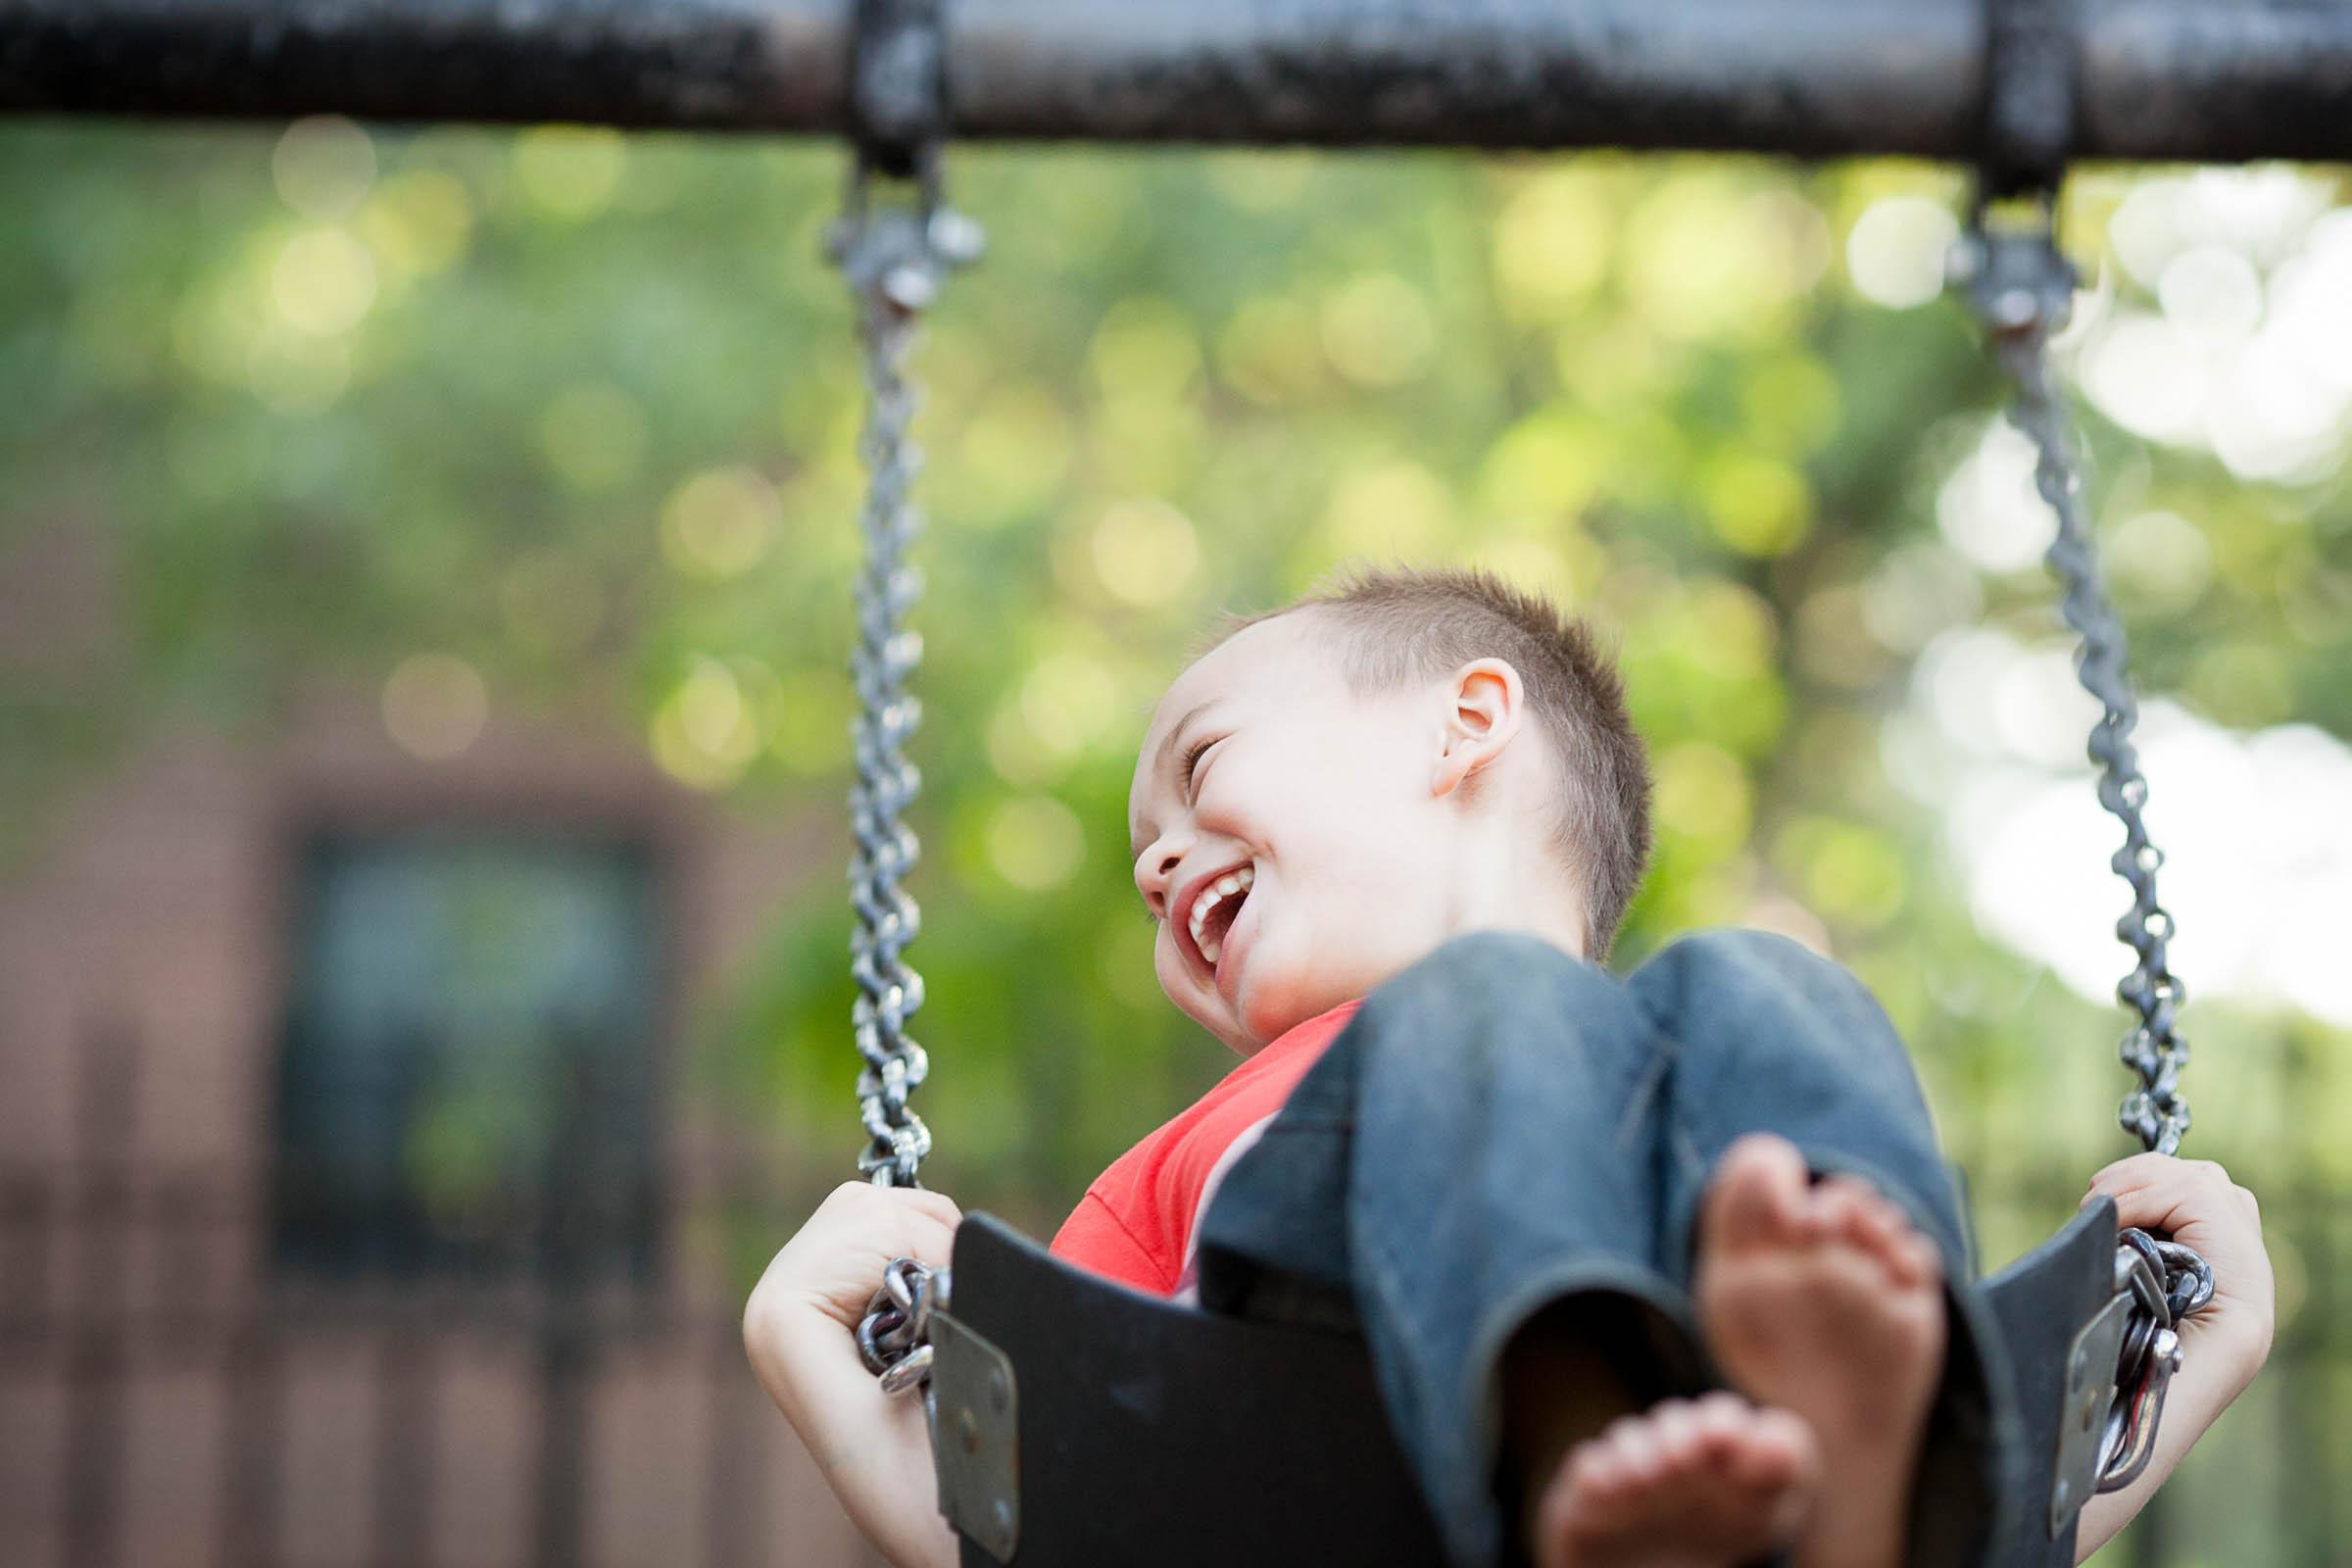 160527_playground_014.jpg